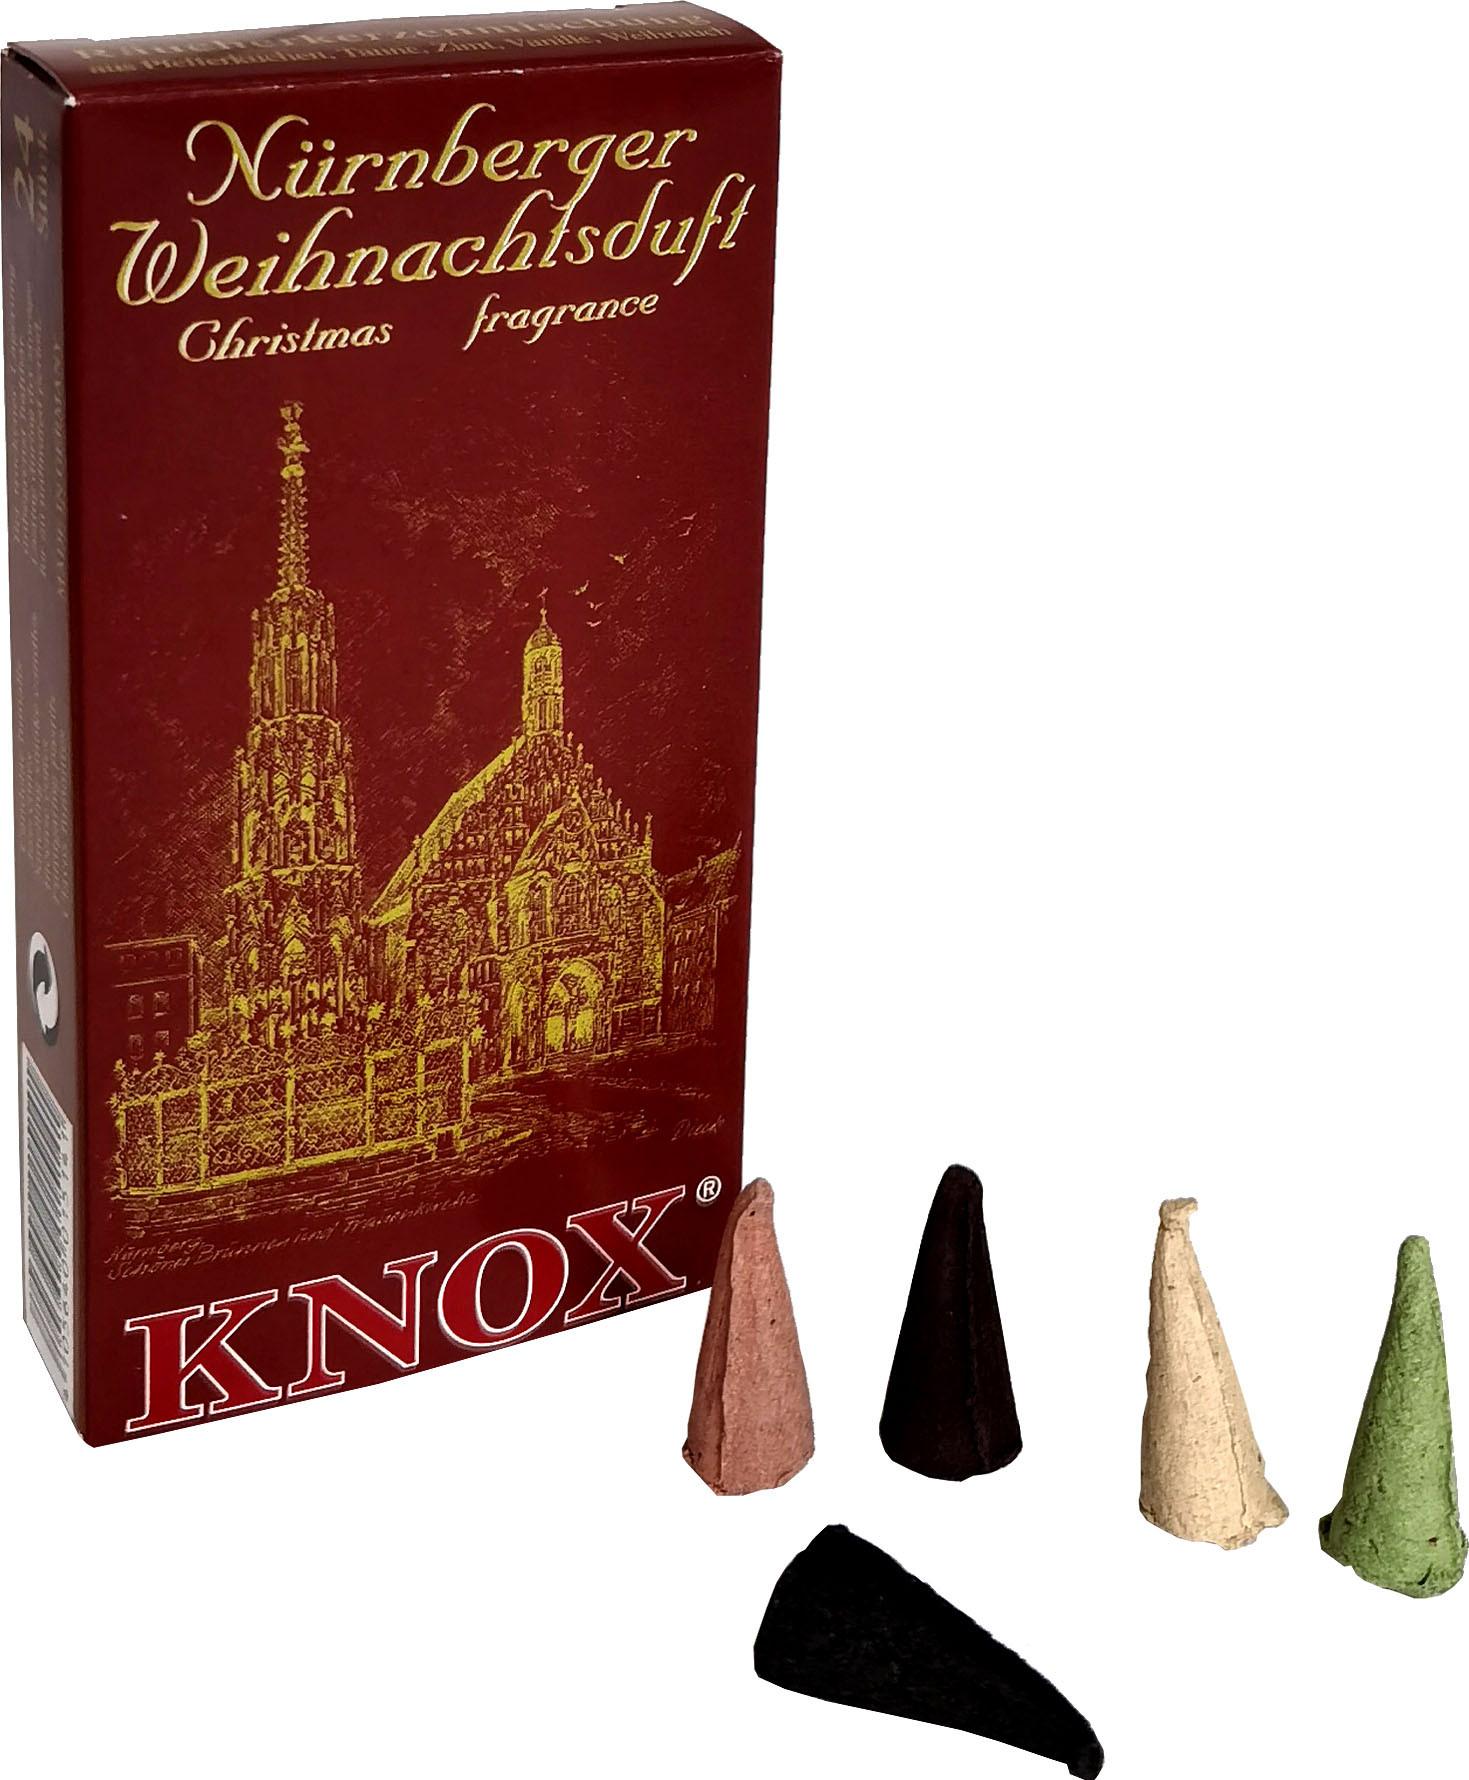 KNOX Räucherkerzen - Städteduft - Nürnberger Weihnachtsduft